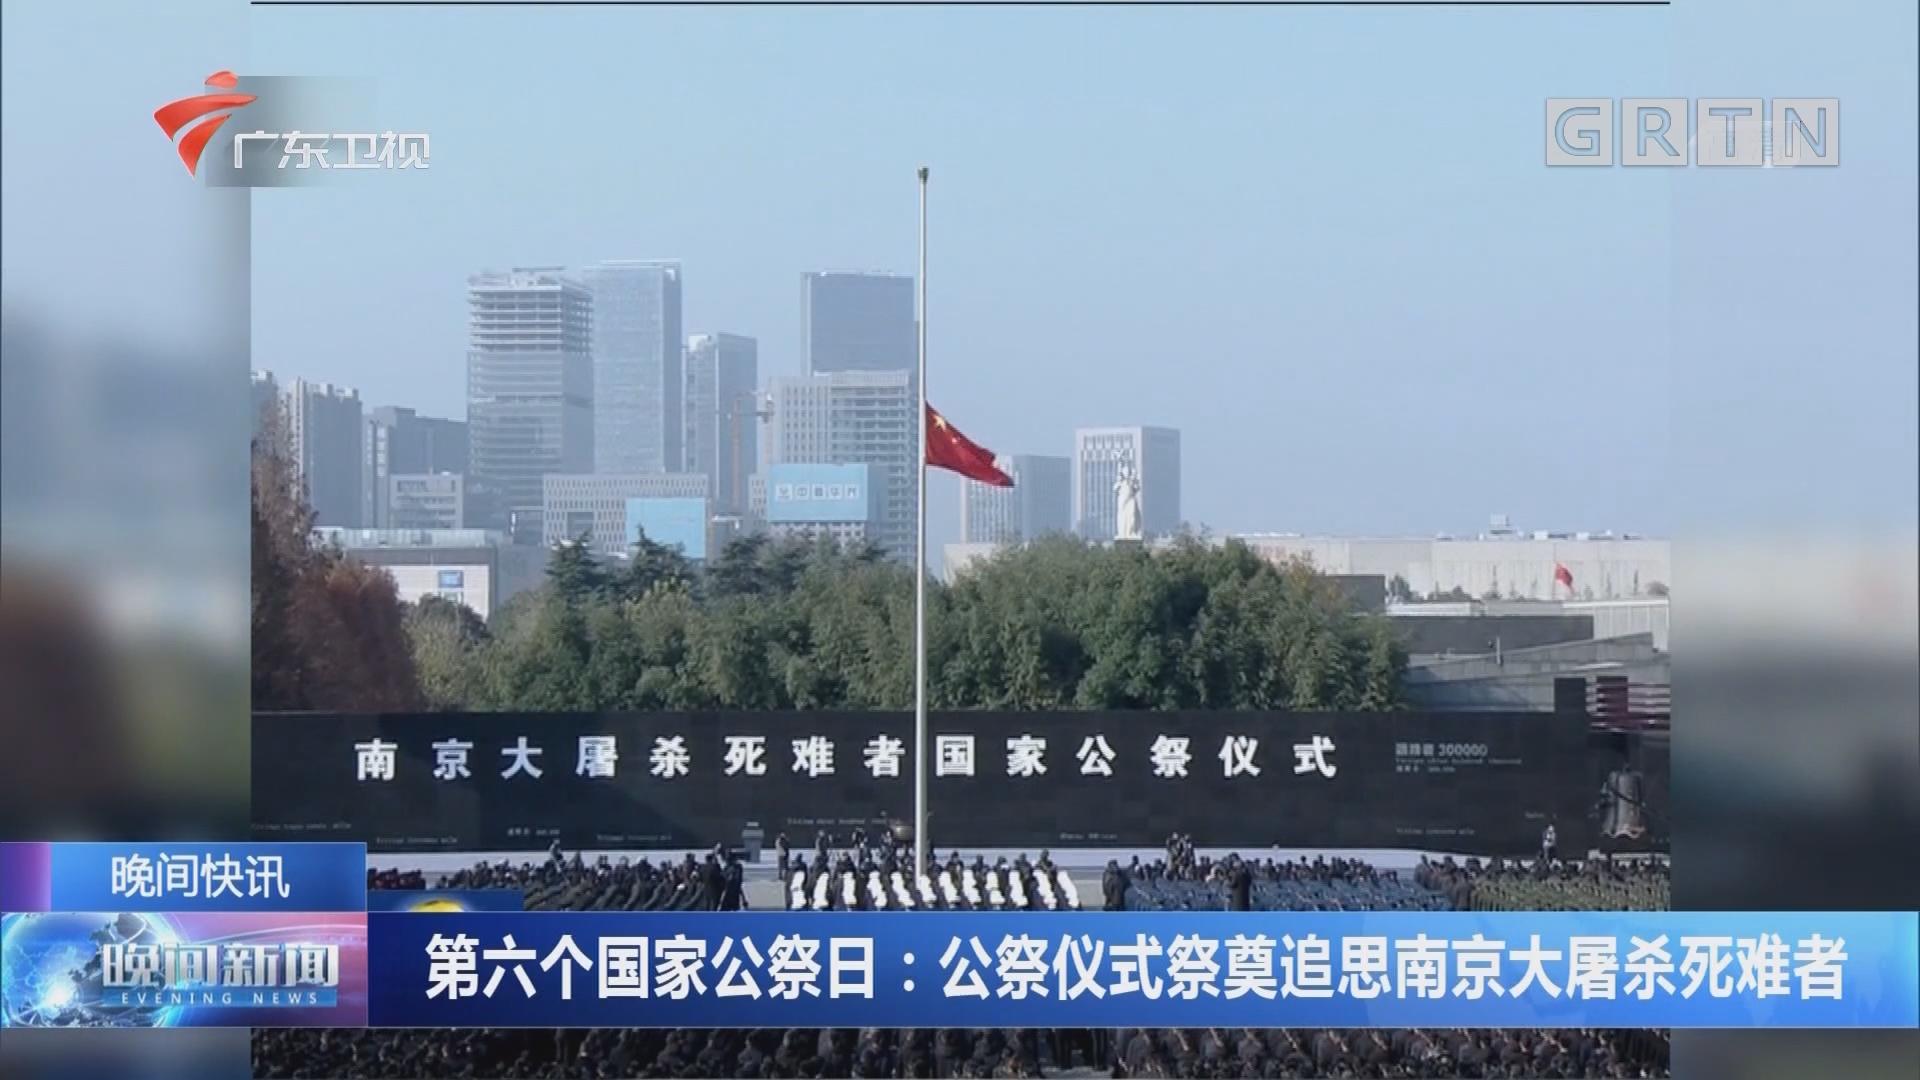 第六个国家公祭日:公祭仪式祭奠追思南京大屠杀死难者